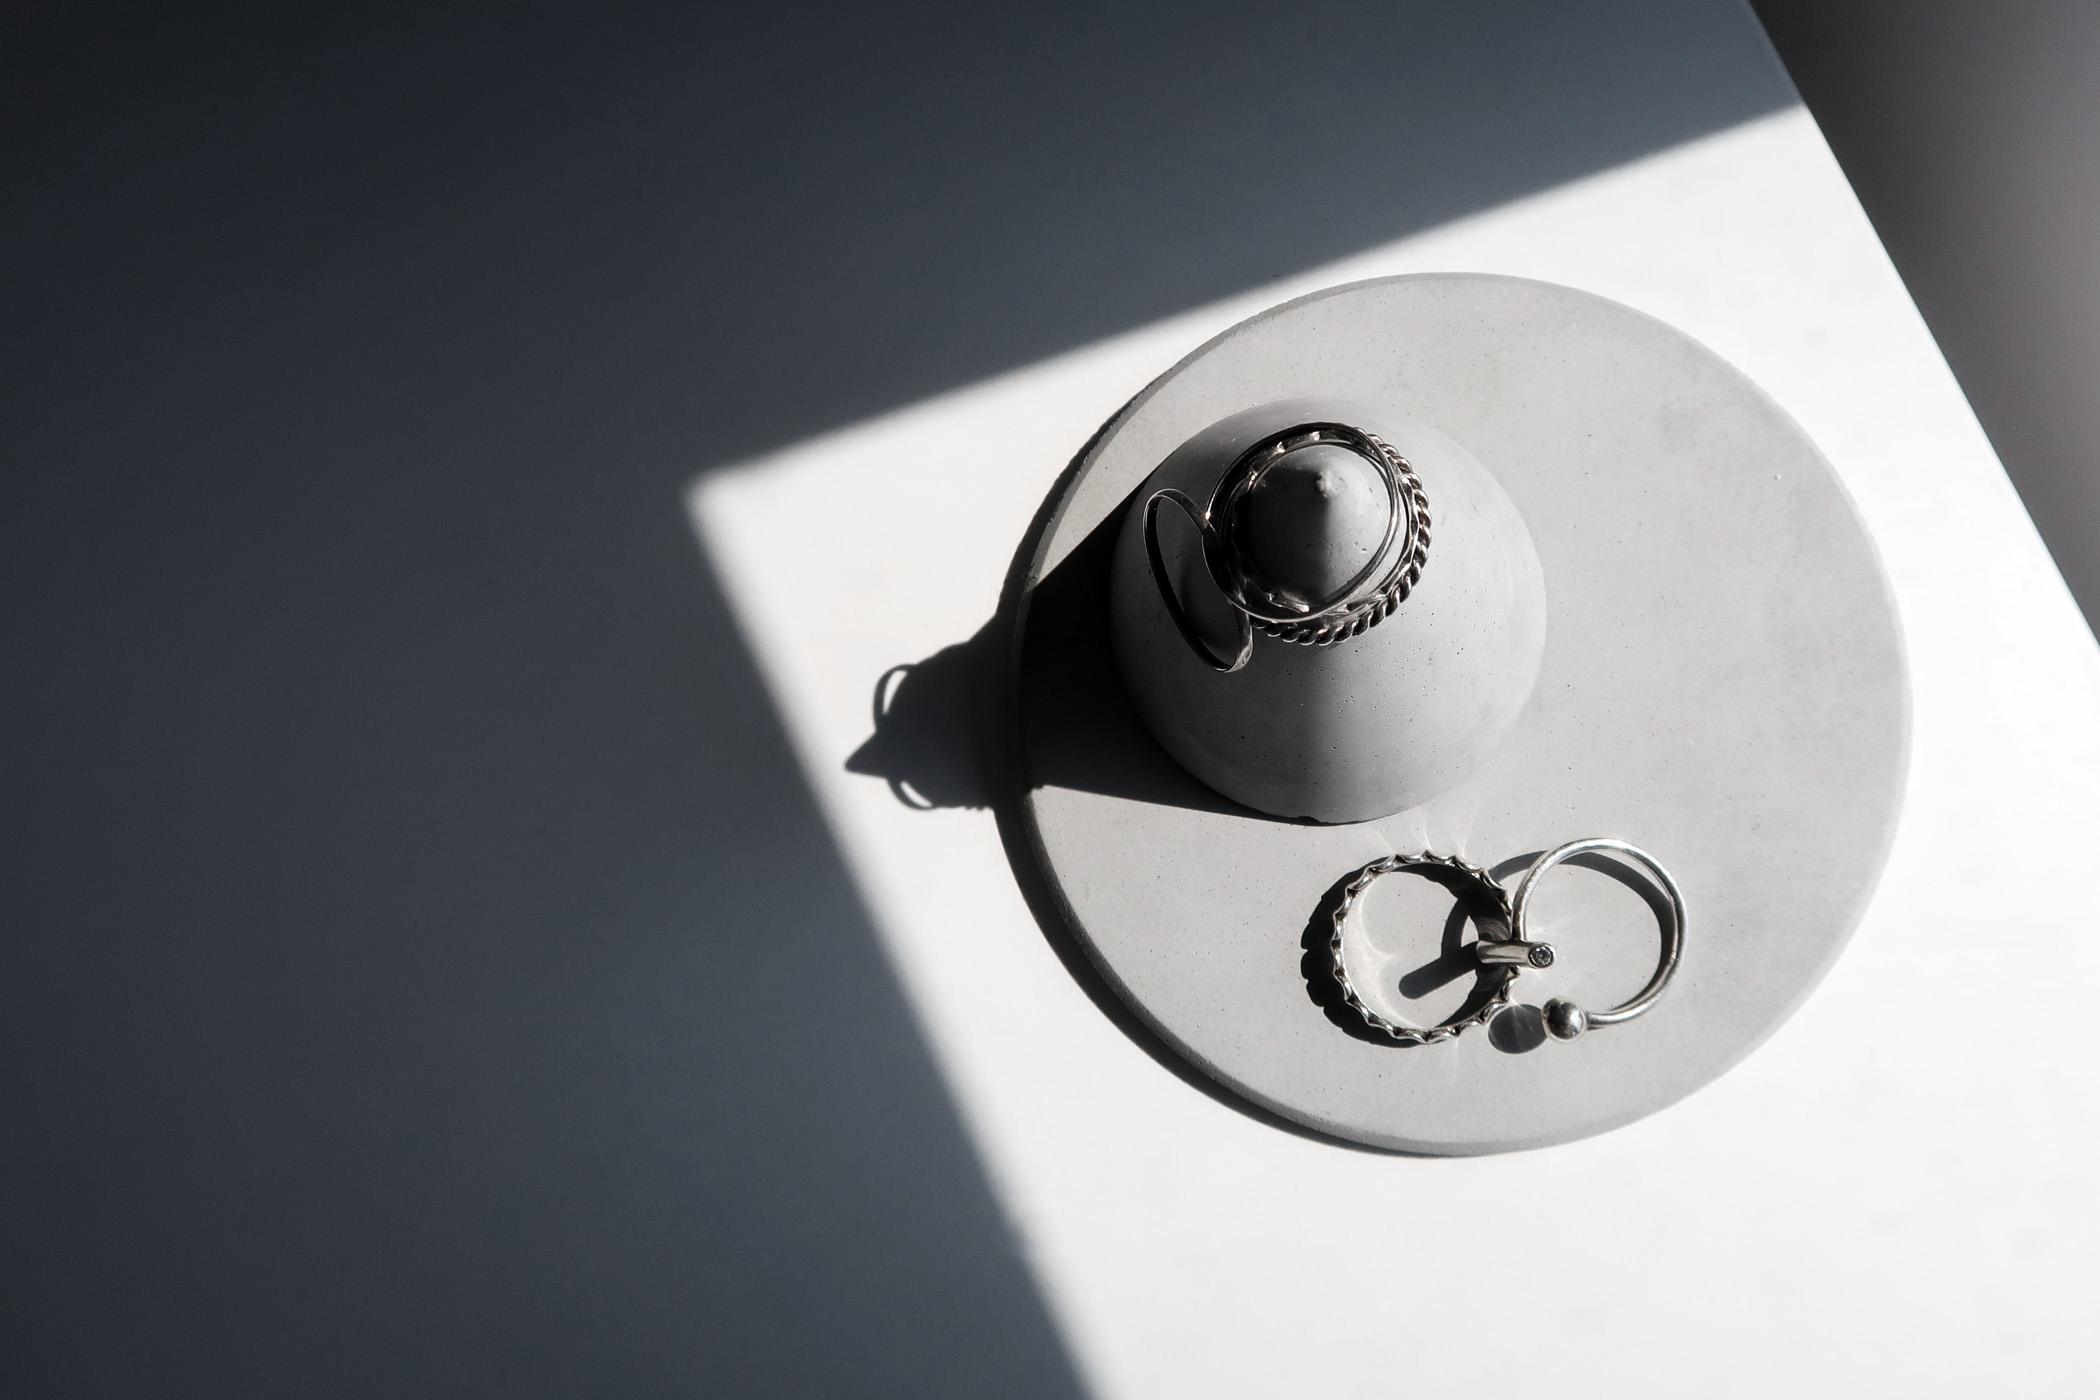 HILL FOG 小山霧錐形水泥戒指飾品盤